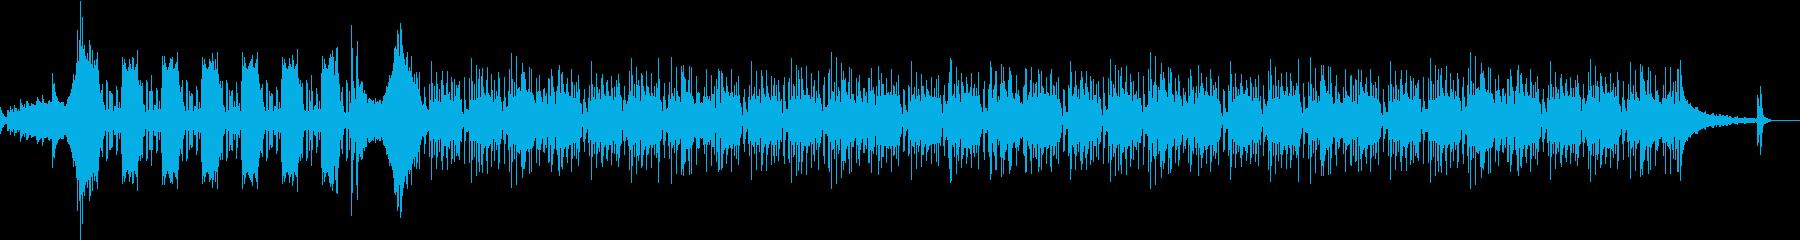 衝撃の事実を知った時のBGMの再生済みの波形